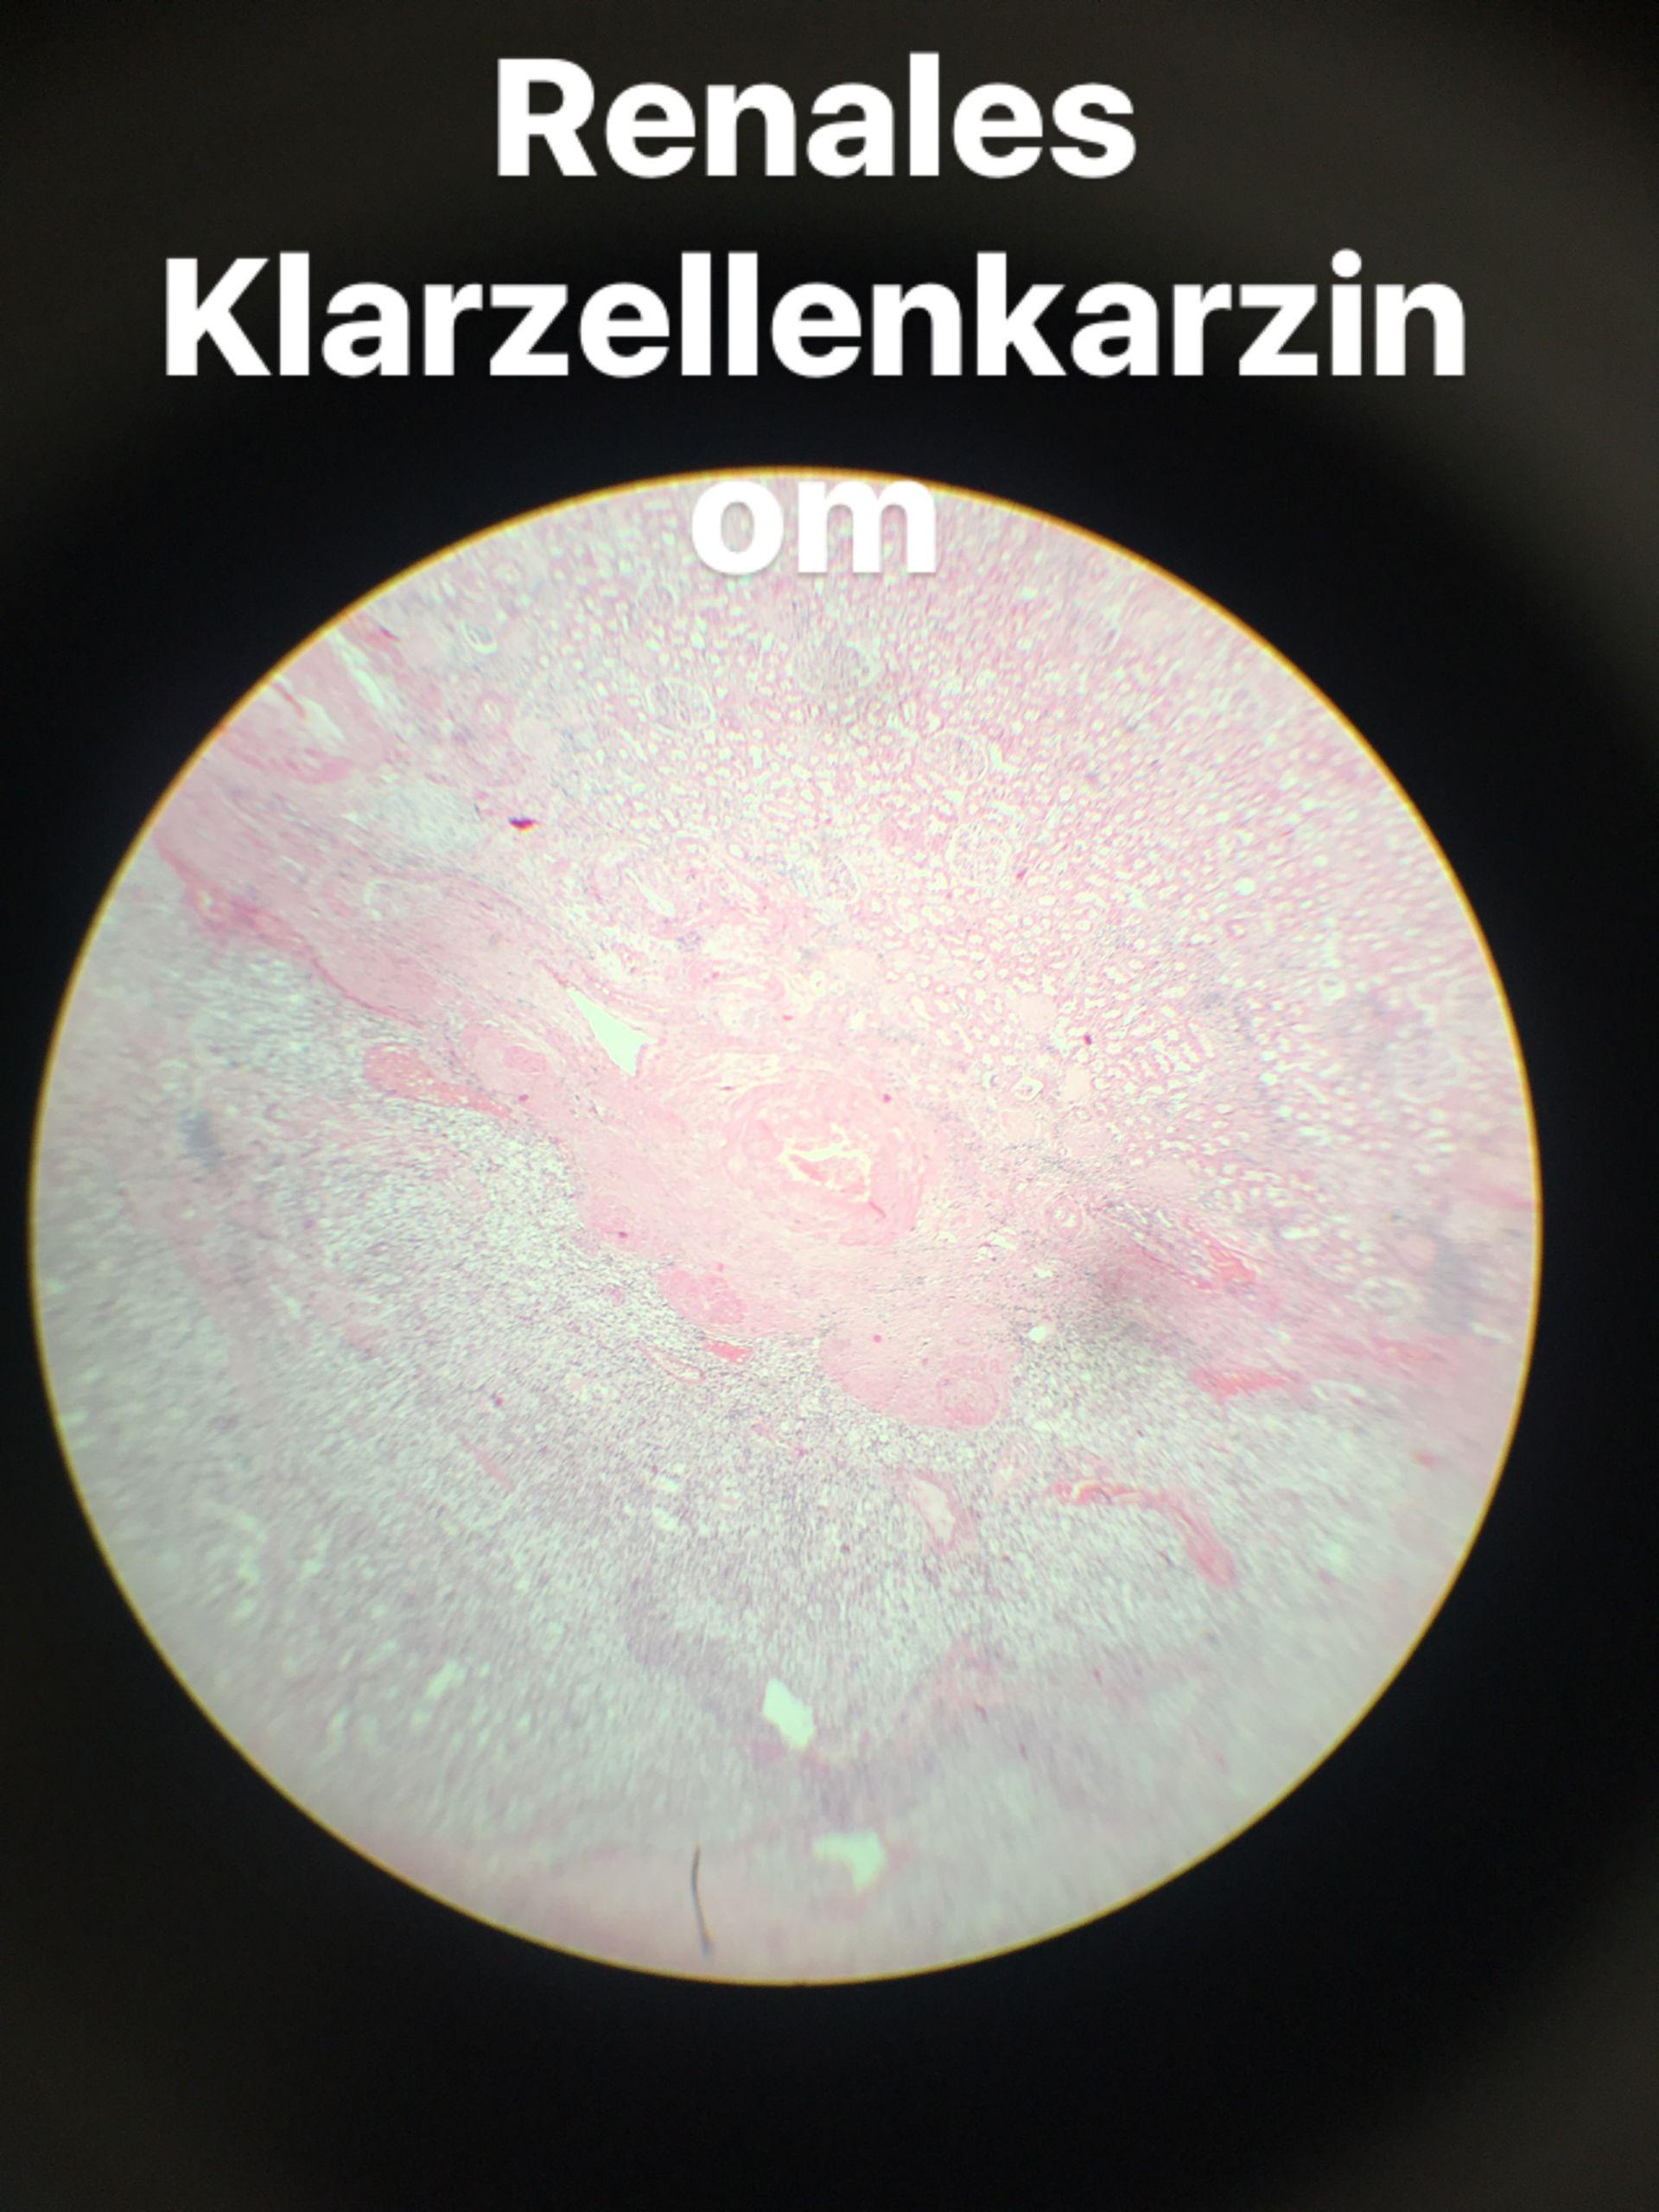 Renales Klarzellenkarzinom